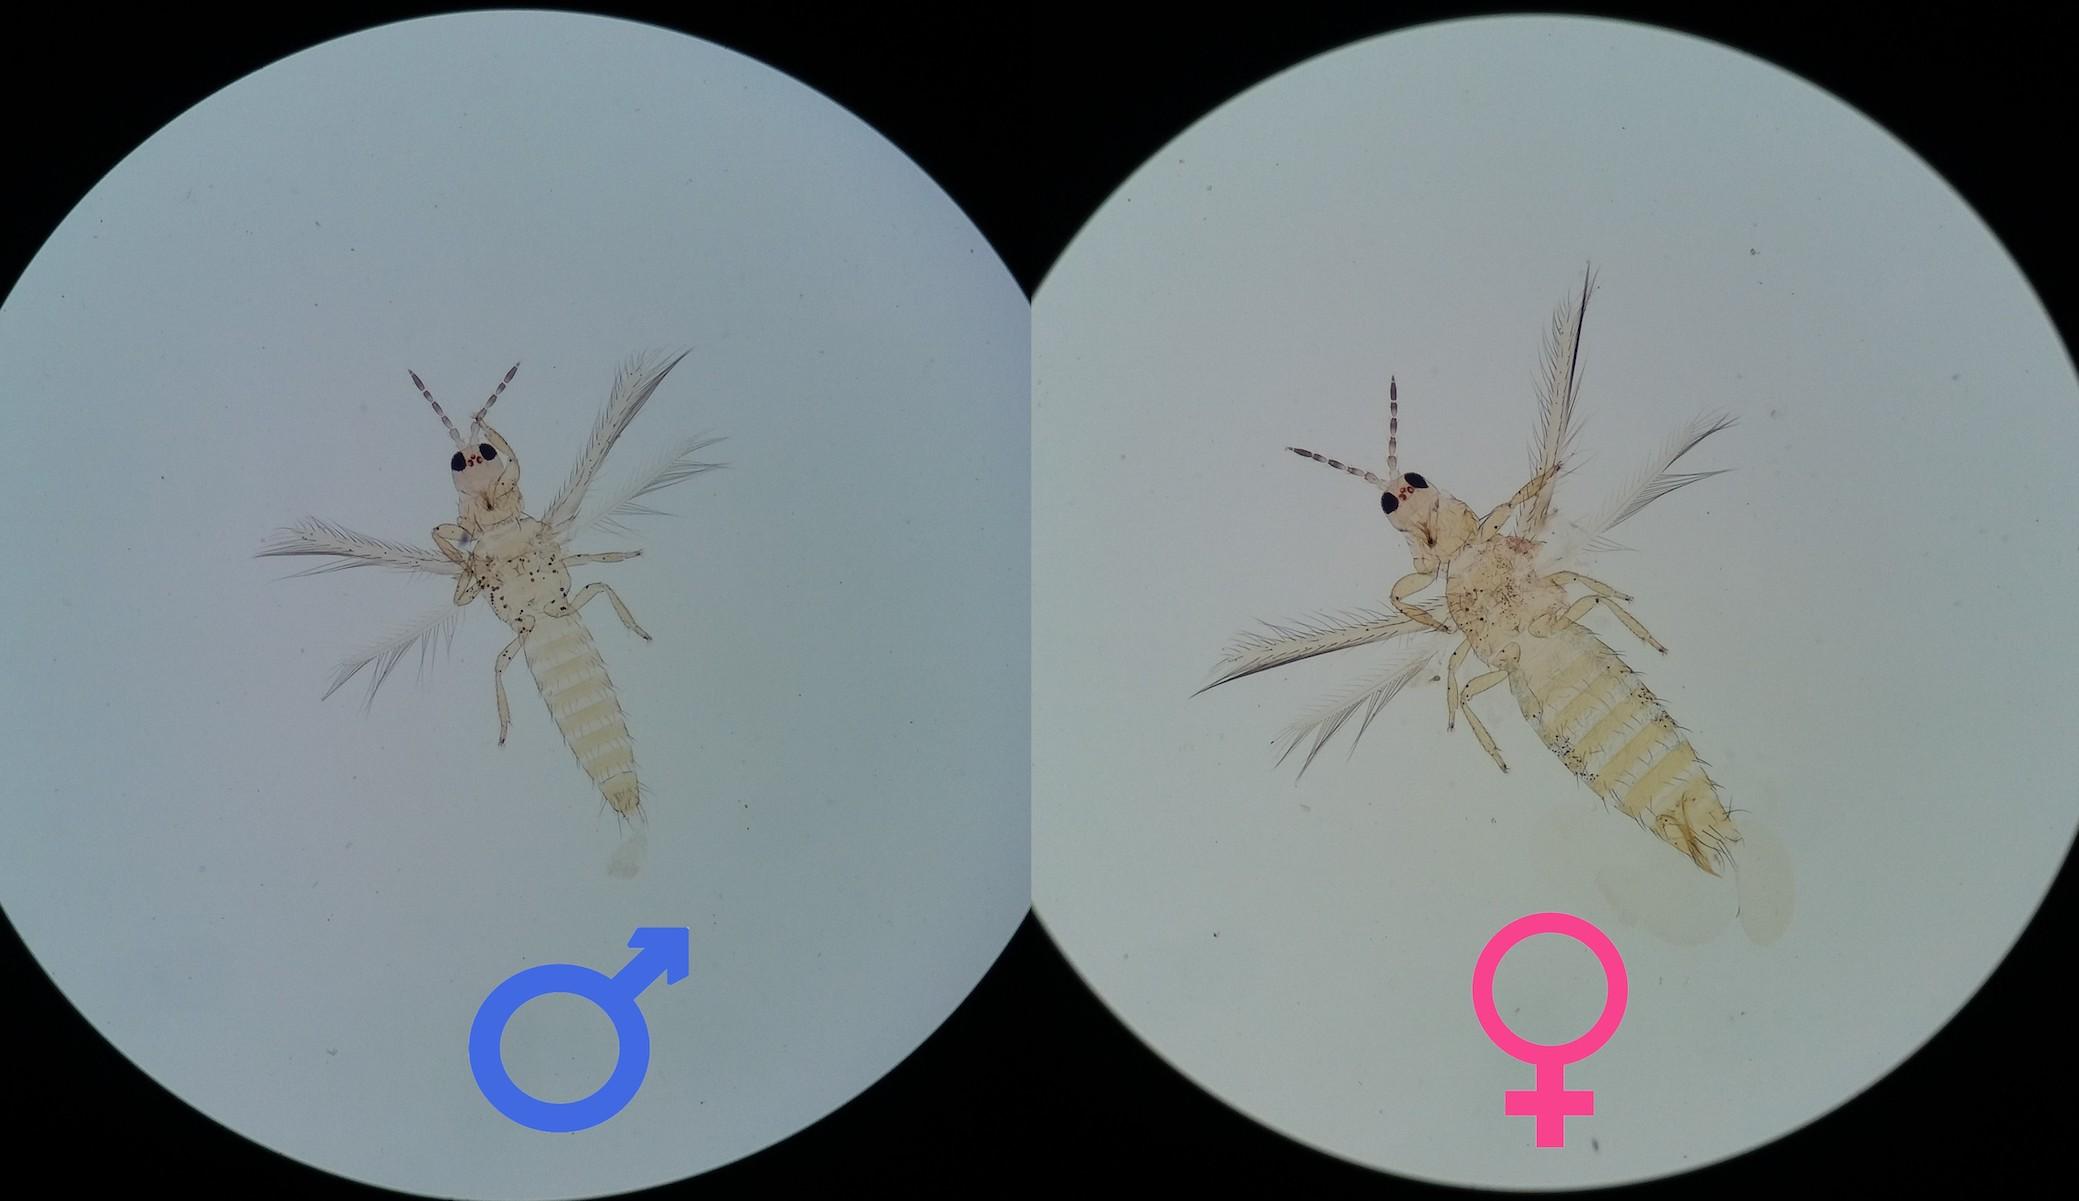 Adultos de Thrips palmi karny (Thysanoptera: Thripidae) detectados em abobrinha Itália!